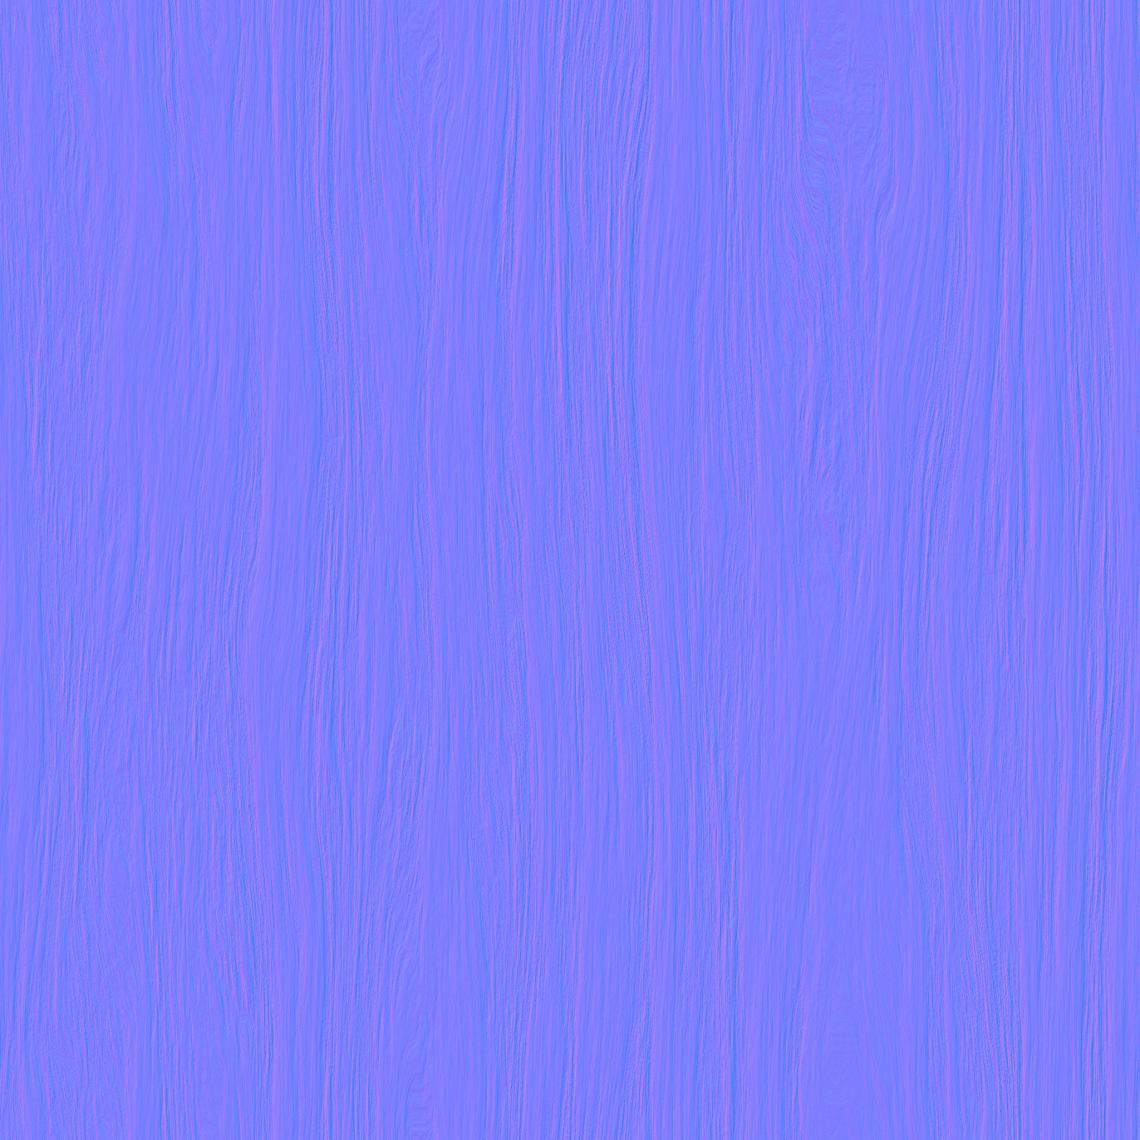 Wood_n